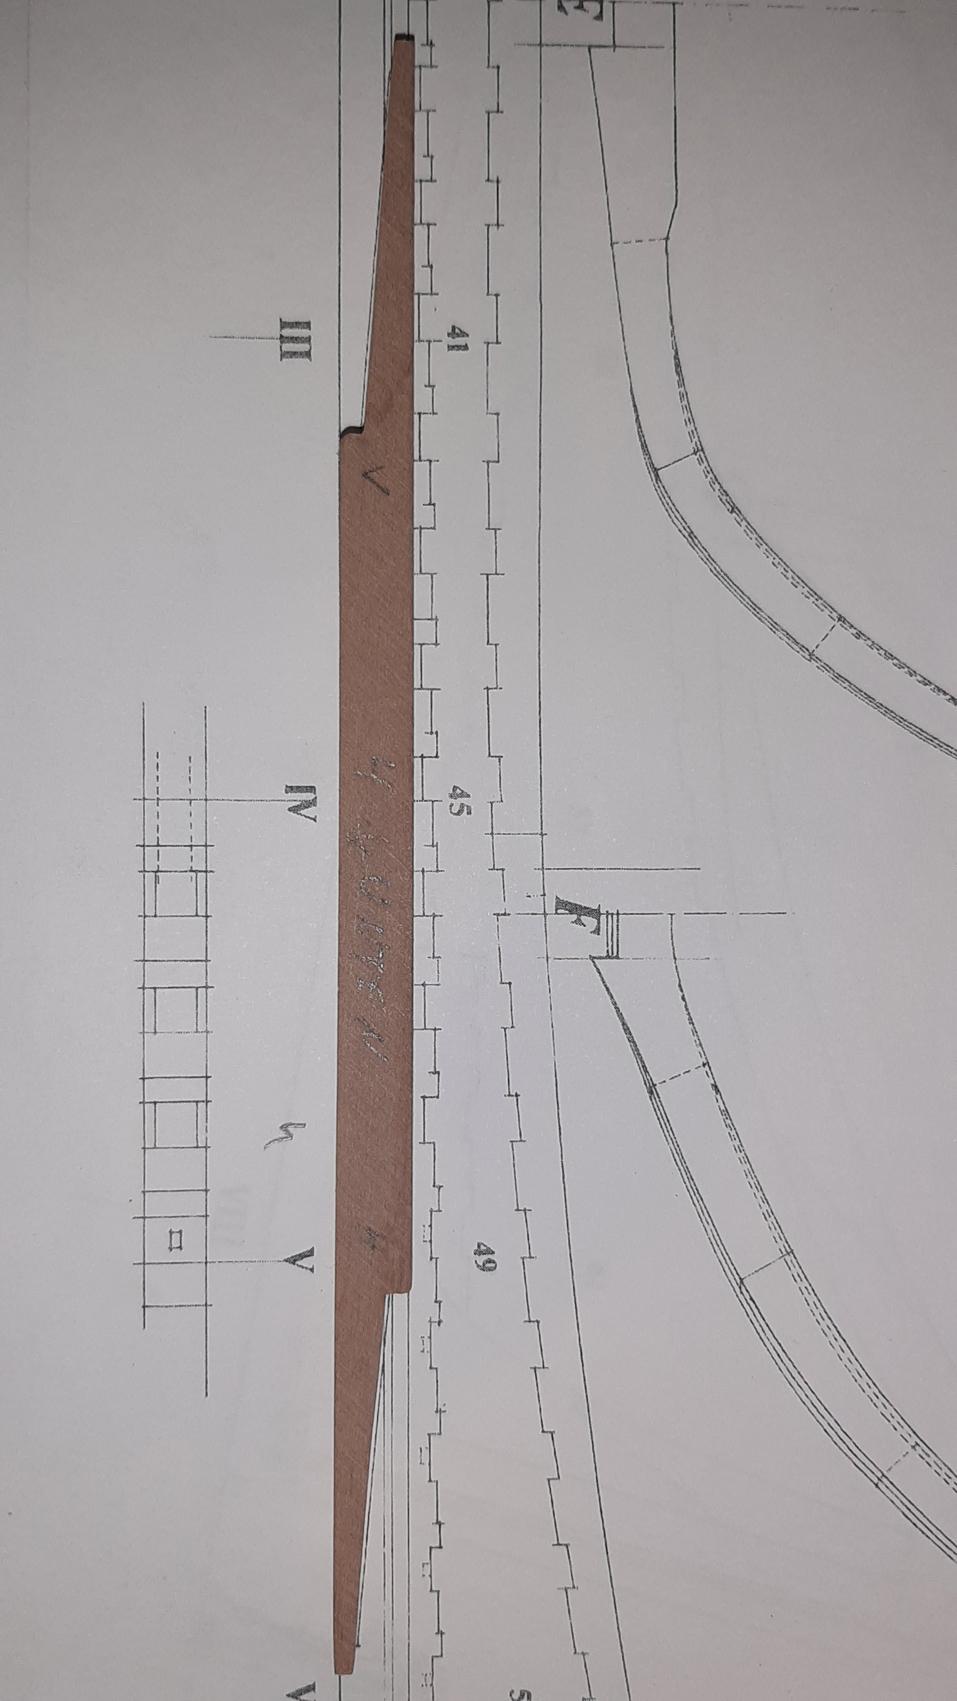 Bonhomme Richard 1779, échelle 1/60 par mtbbiker 20200127